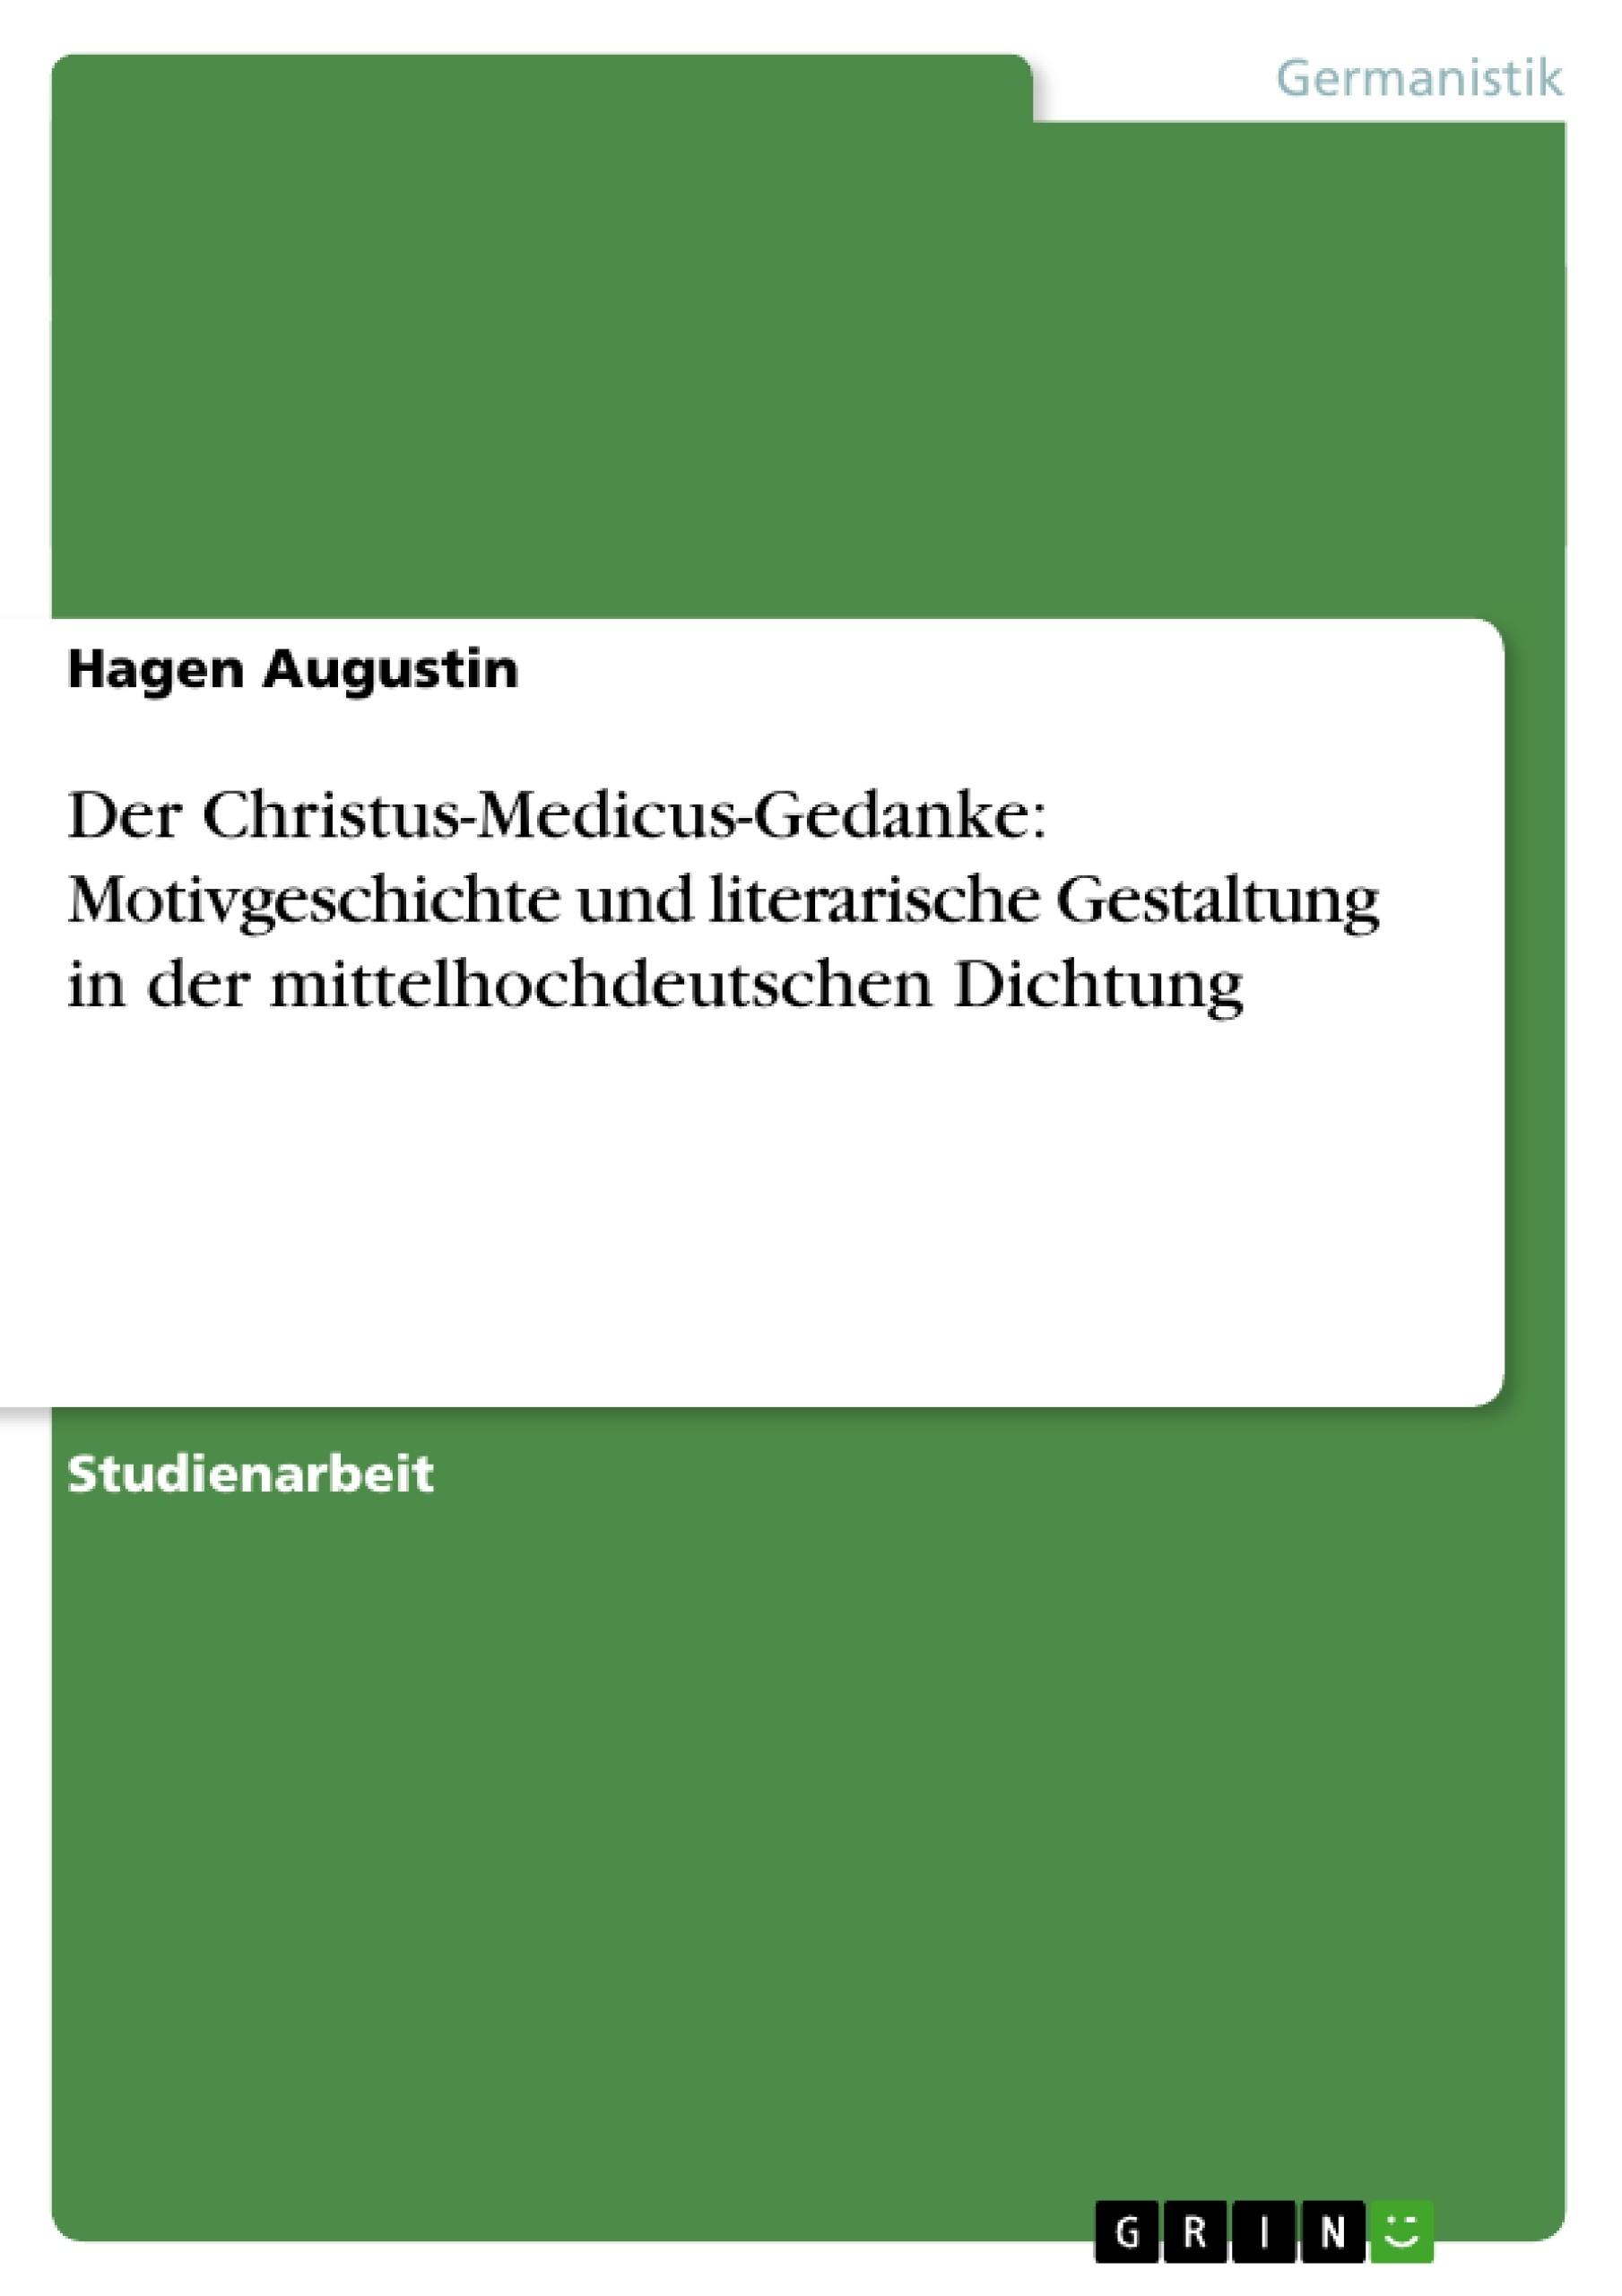 Titel: Der Christus-Medicus-Gedanke: Motivgeschichte und literarische Gestaltung in der mittelhochdeutschen Dichtung